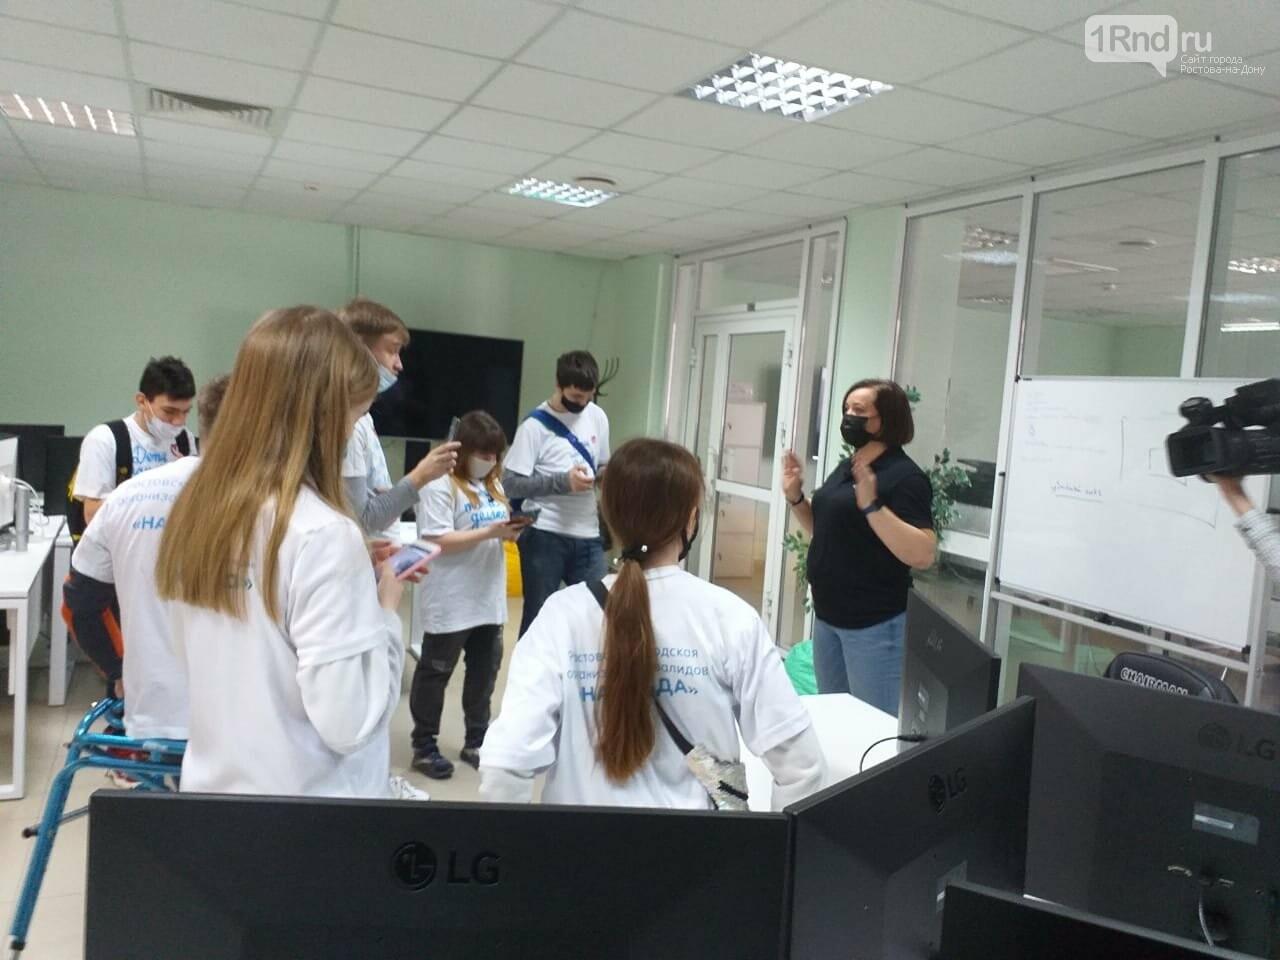 Оксана Тихиня встретила блогеров, фото 1rnd.ru